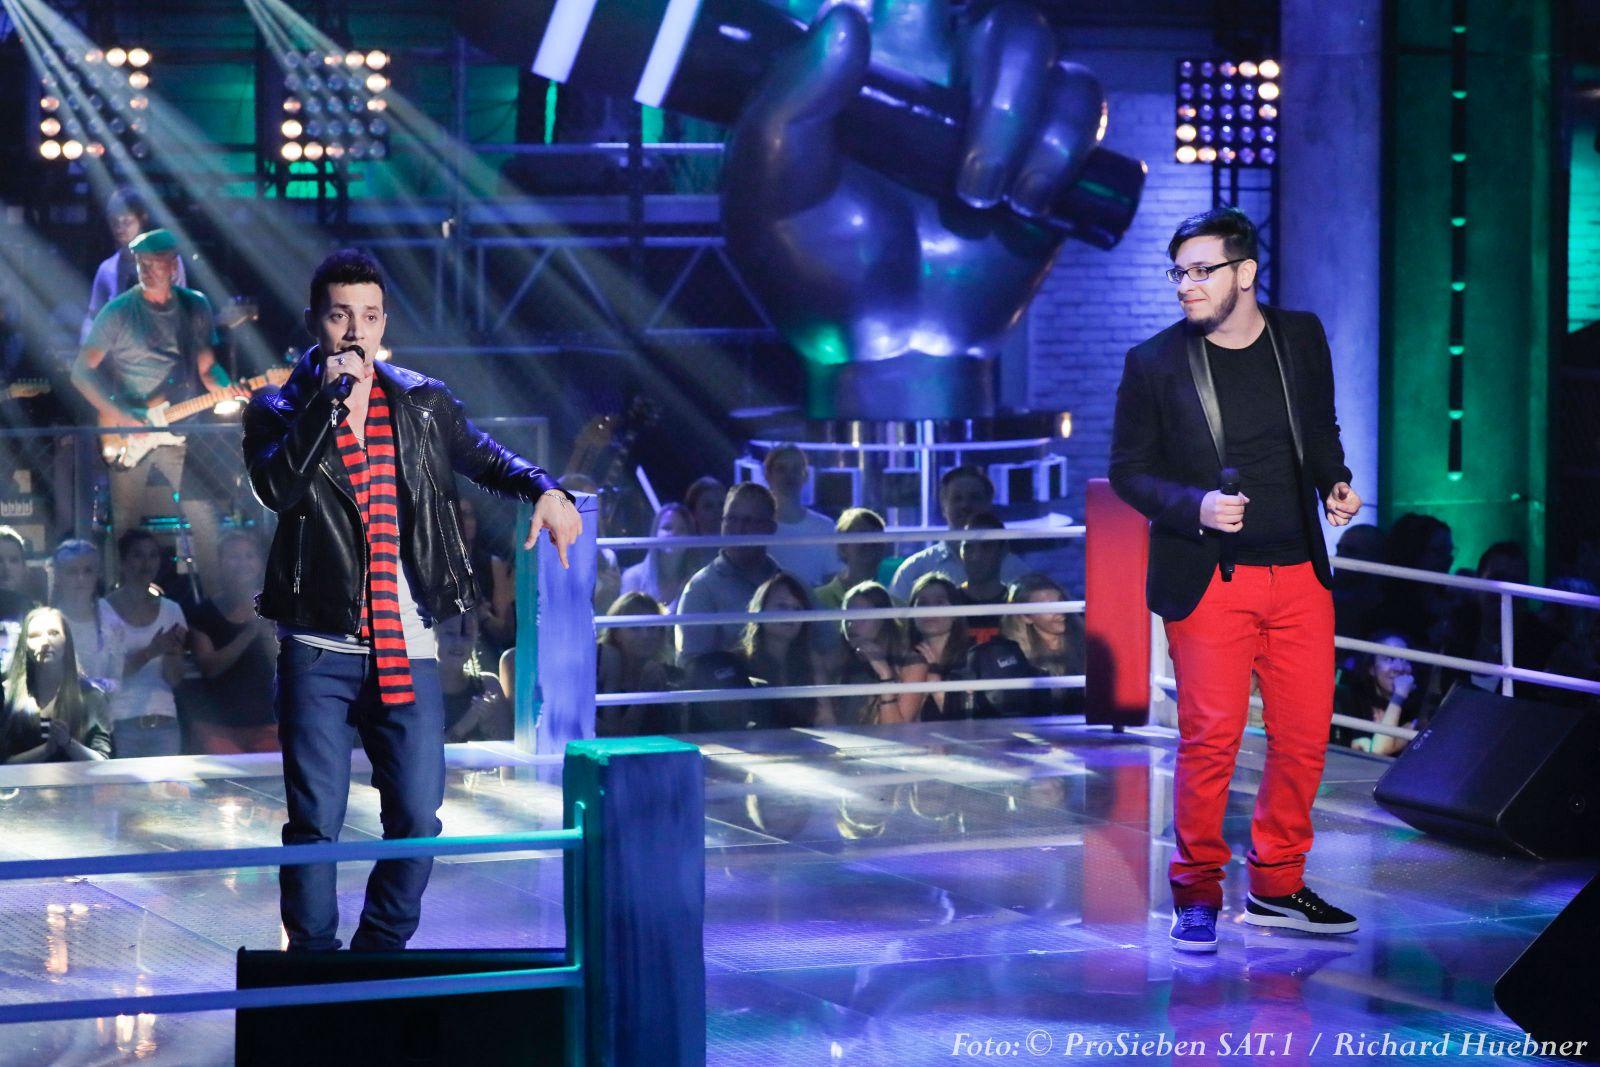 Стас Шуринс на шоу Voice of Germany